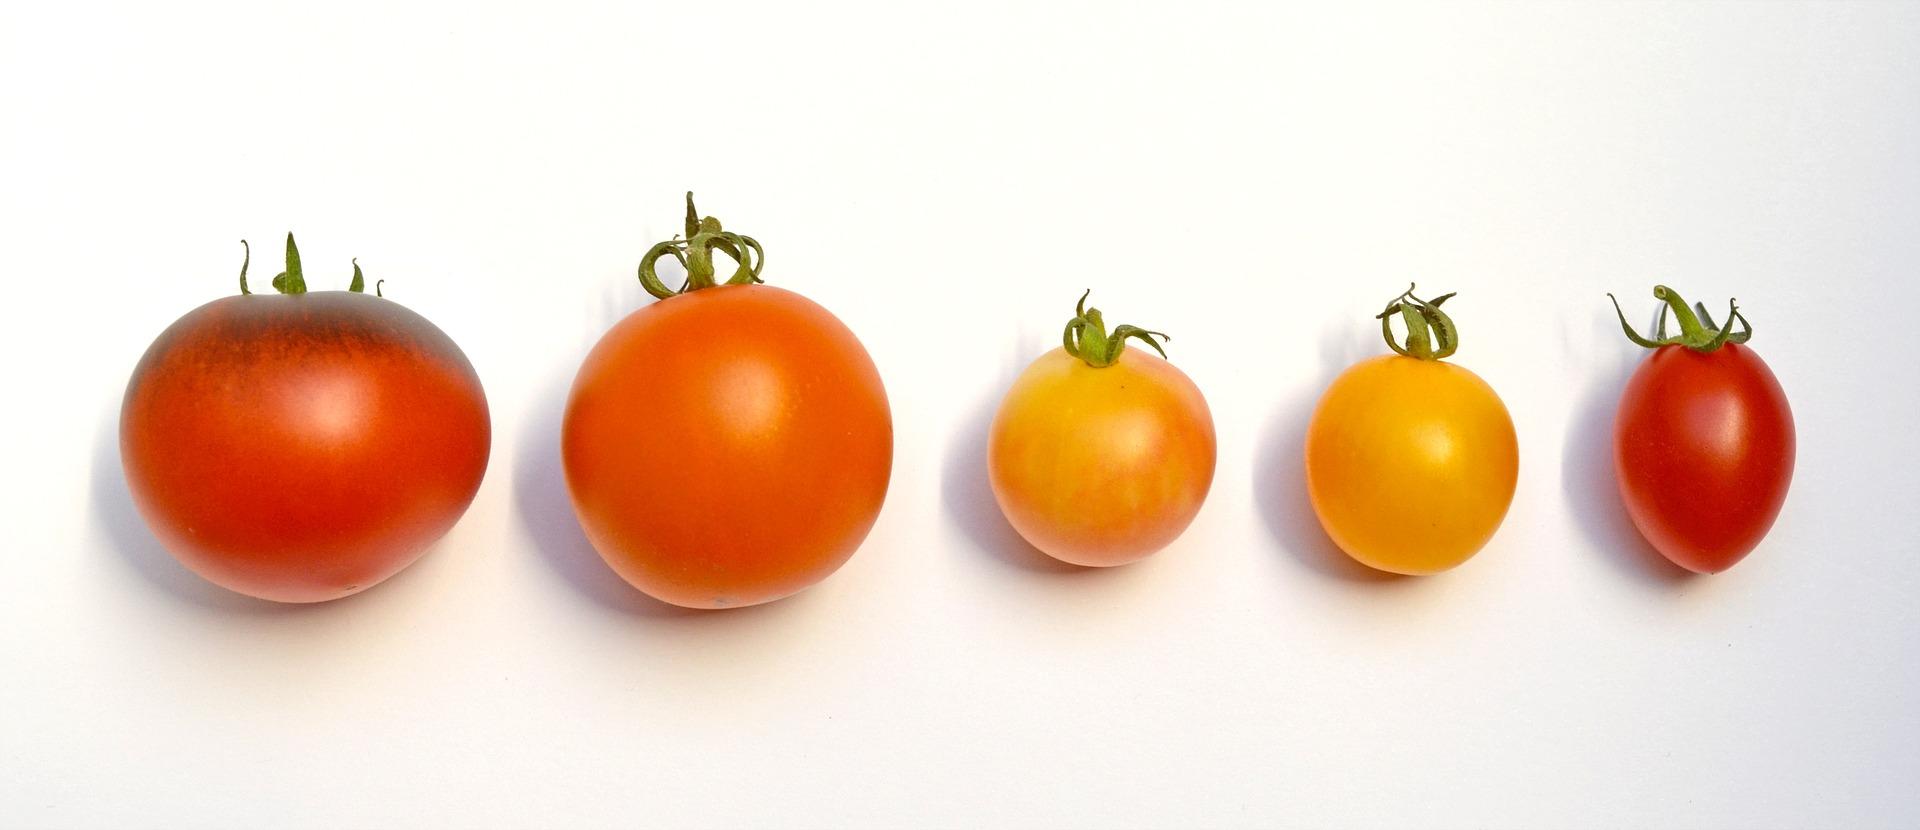 Pomidor pomidorowi nierówny – rodzaje pomidorów wykorzystywanych we włoskim menu